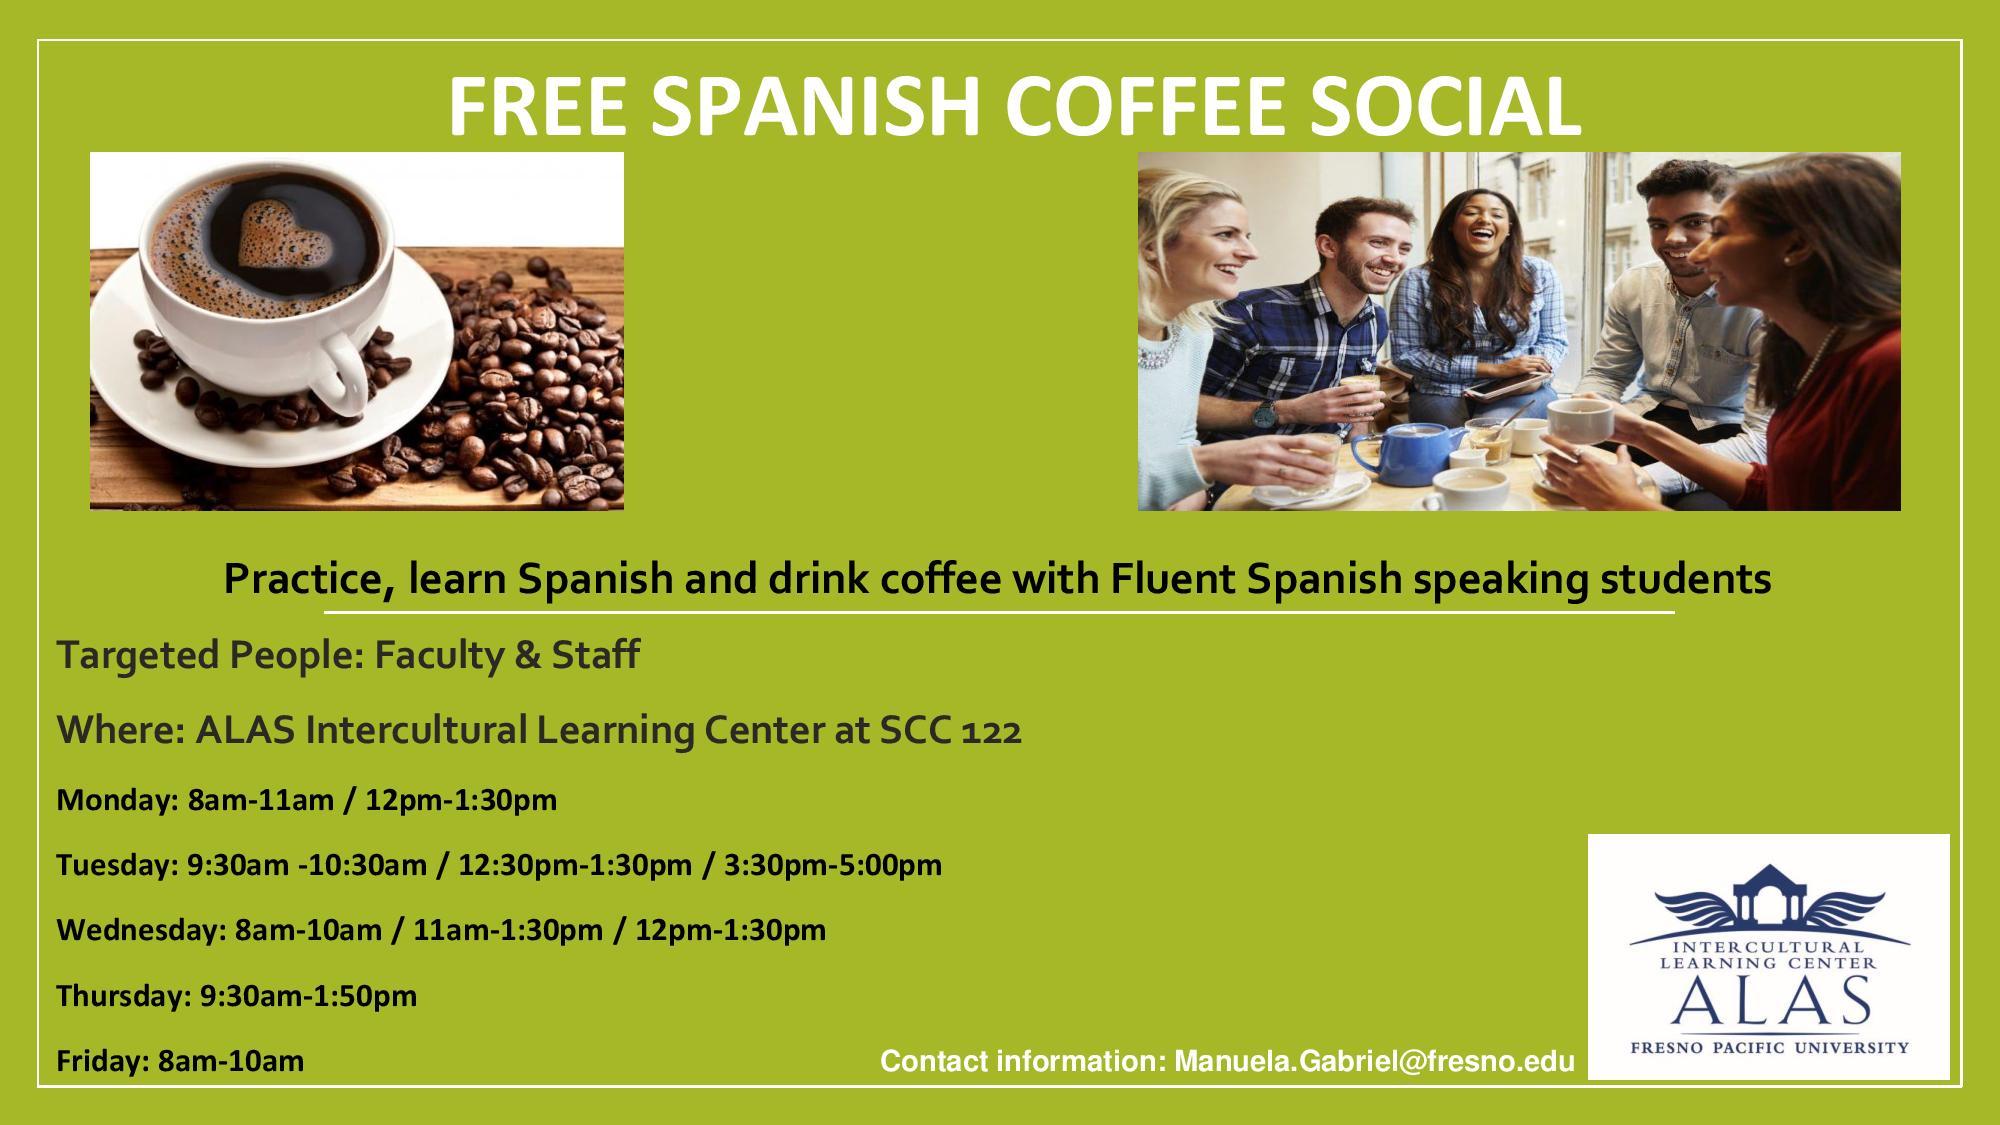 spanish social coffee | squawk box